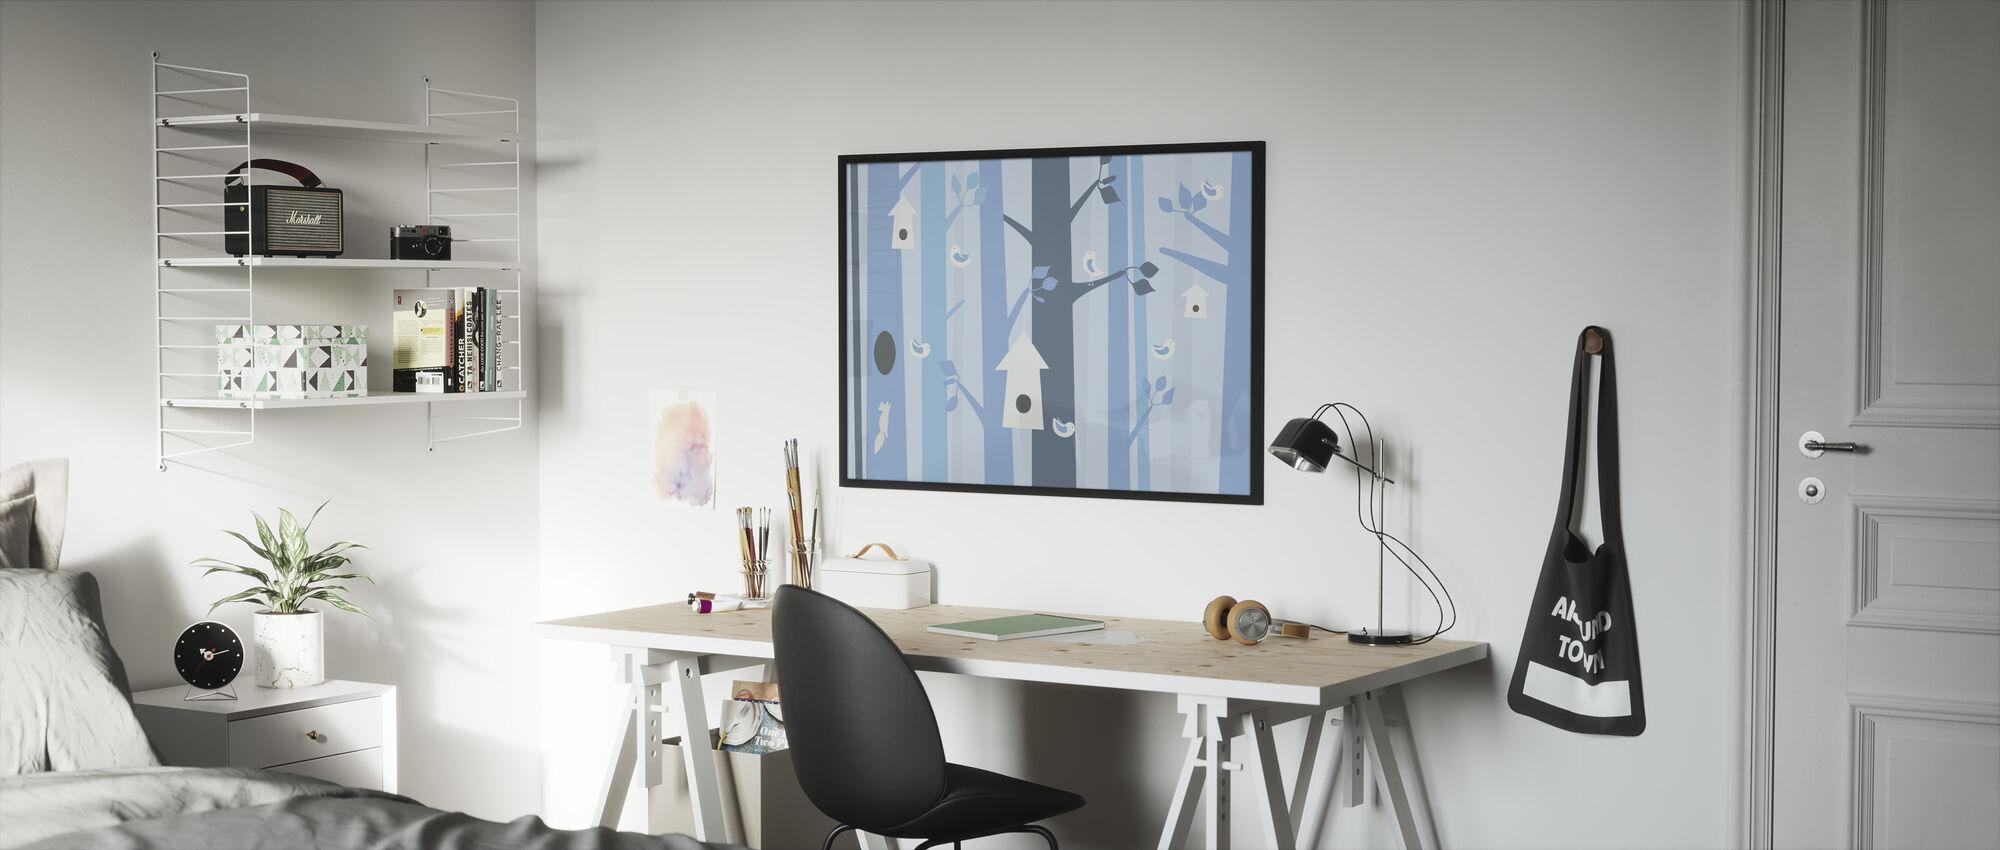 Birdforest - Blue - Framed print - Kids Room